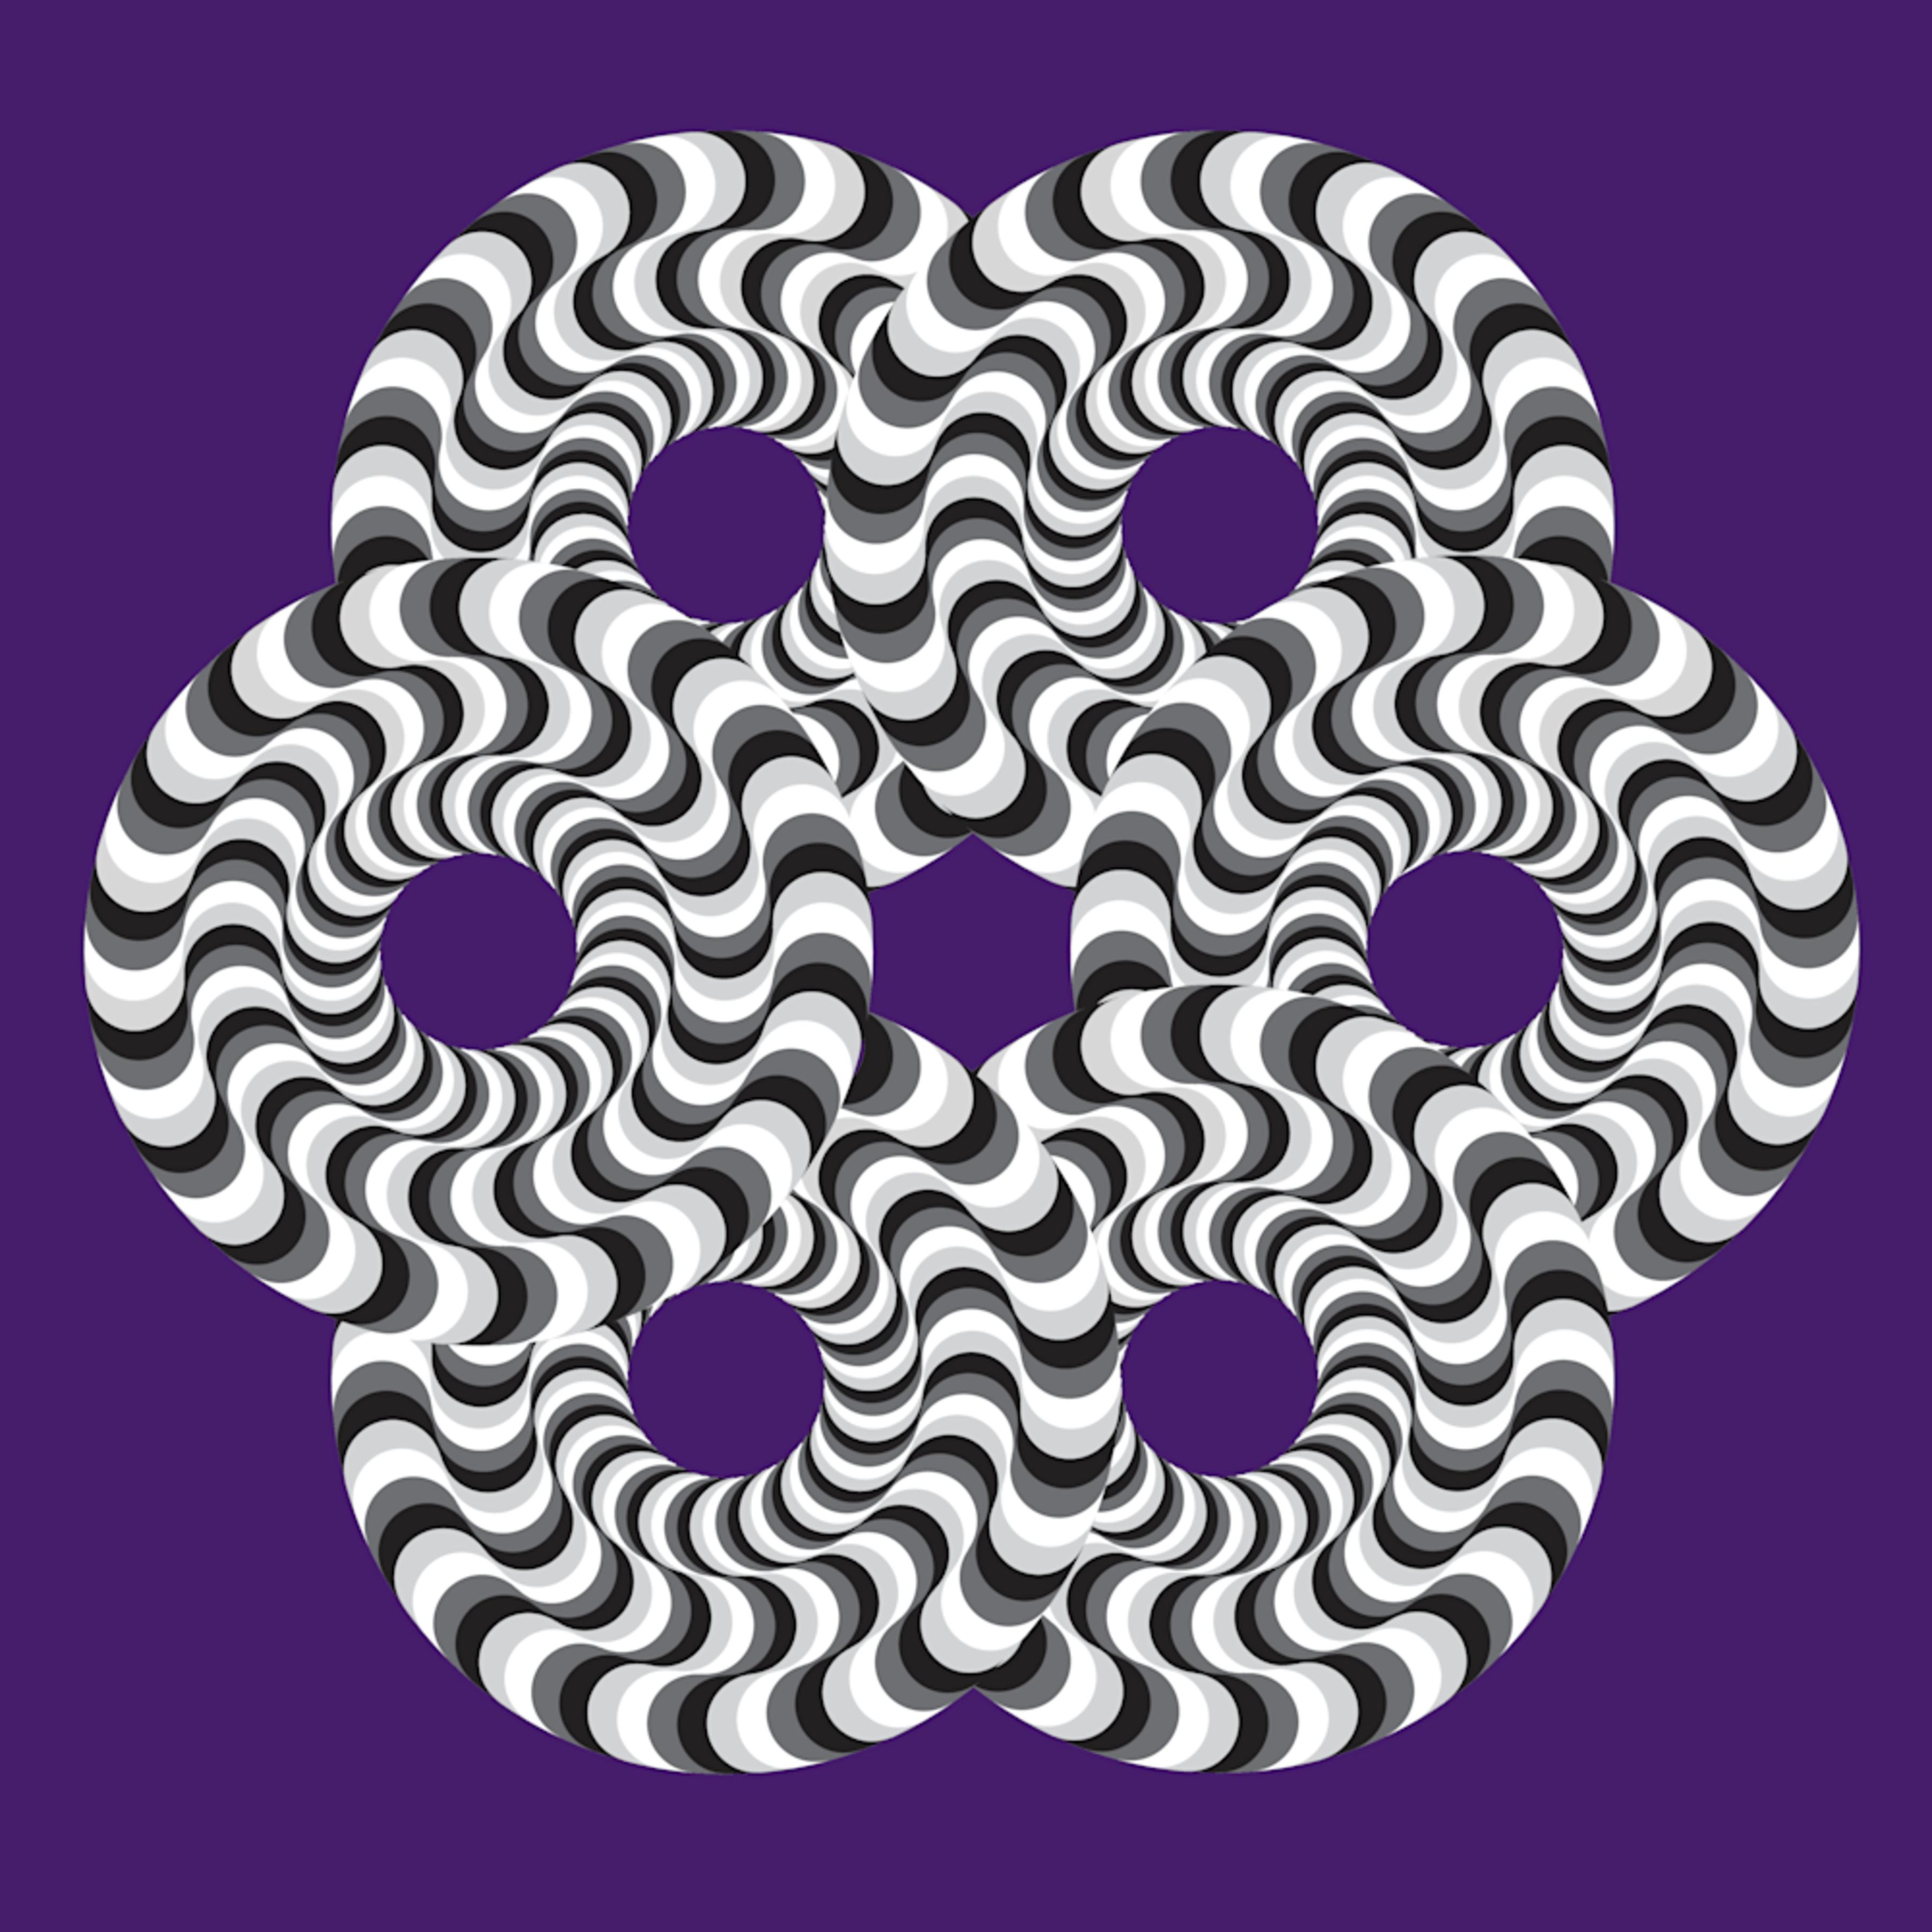 Whirling dervishes llzkef